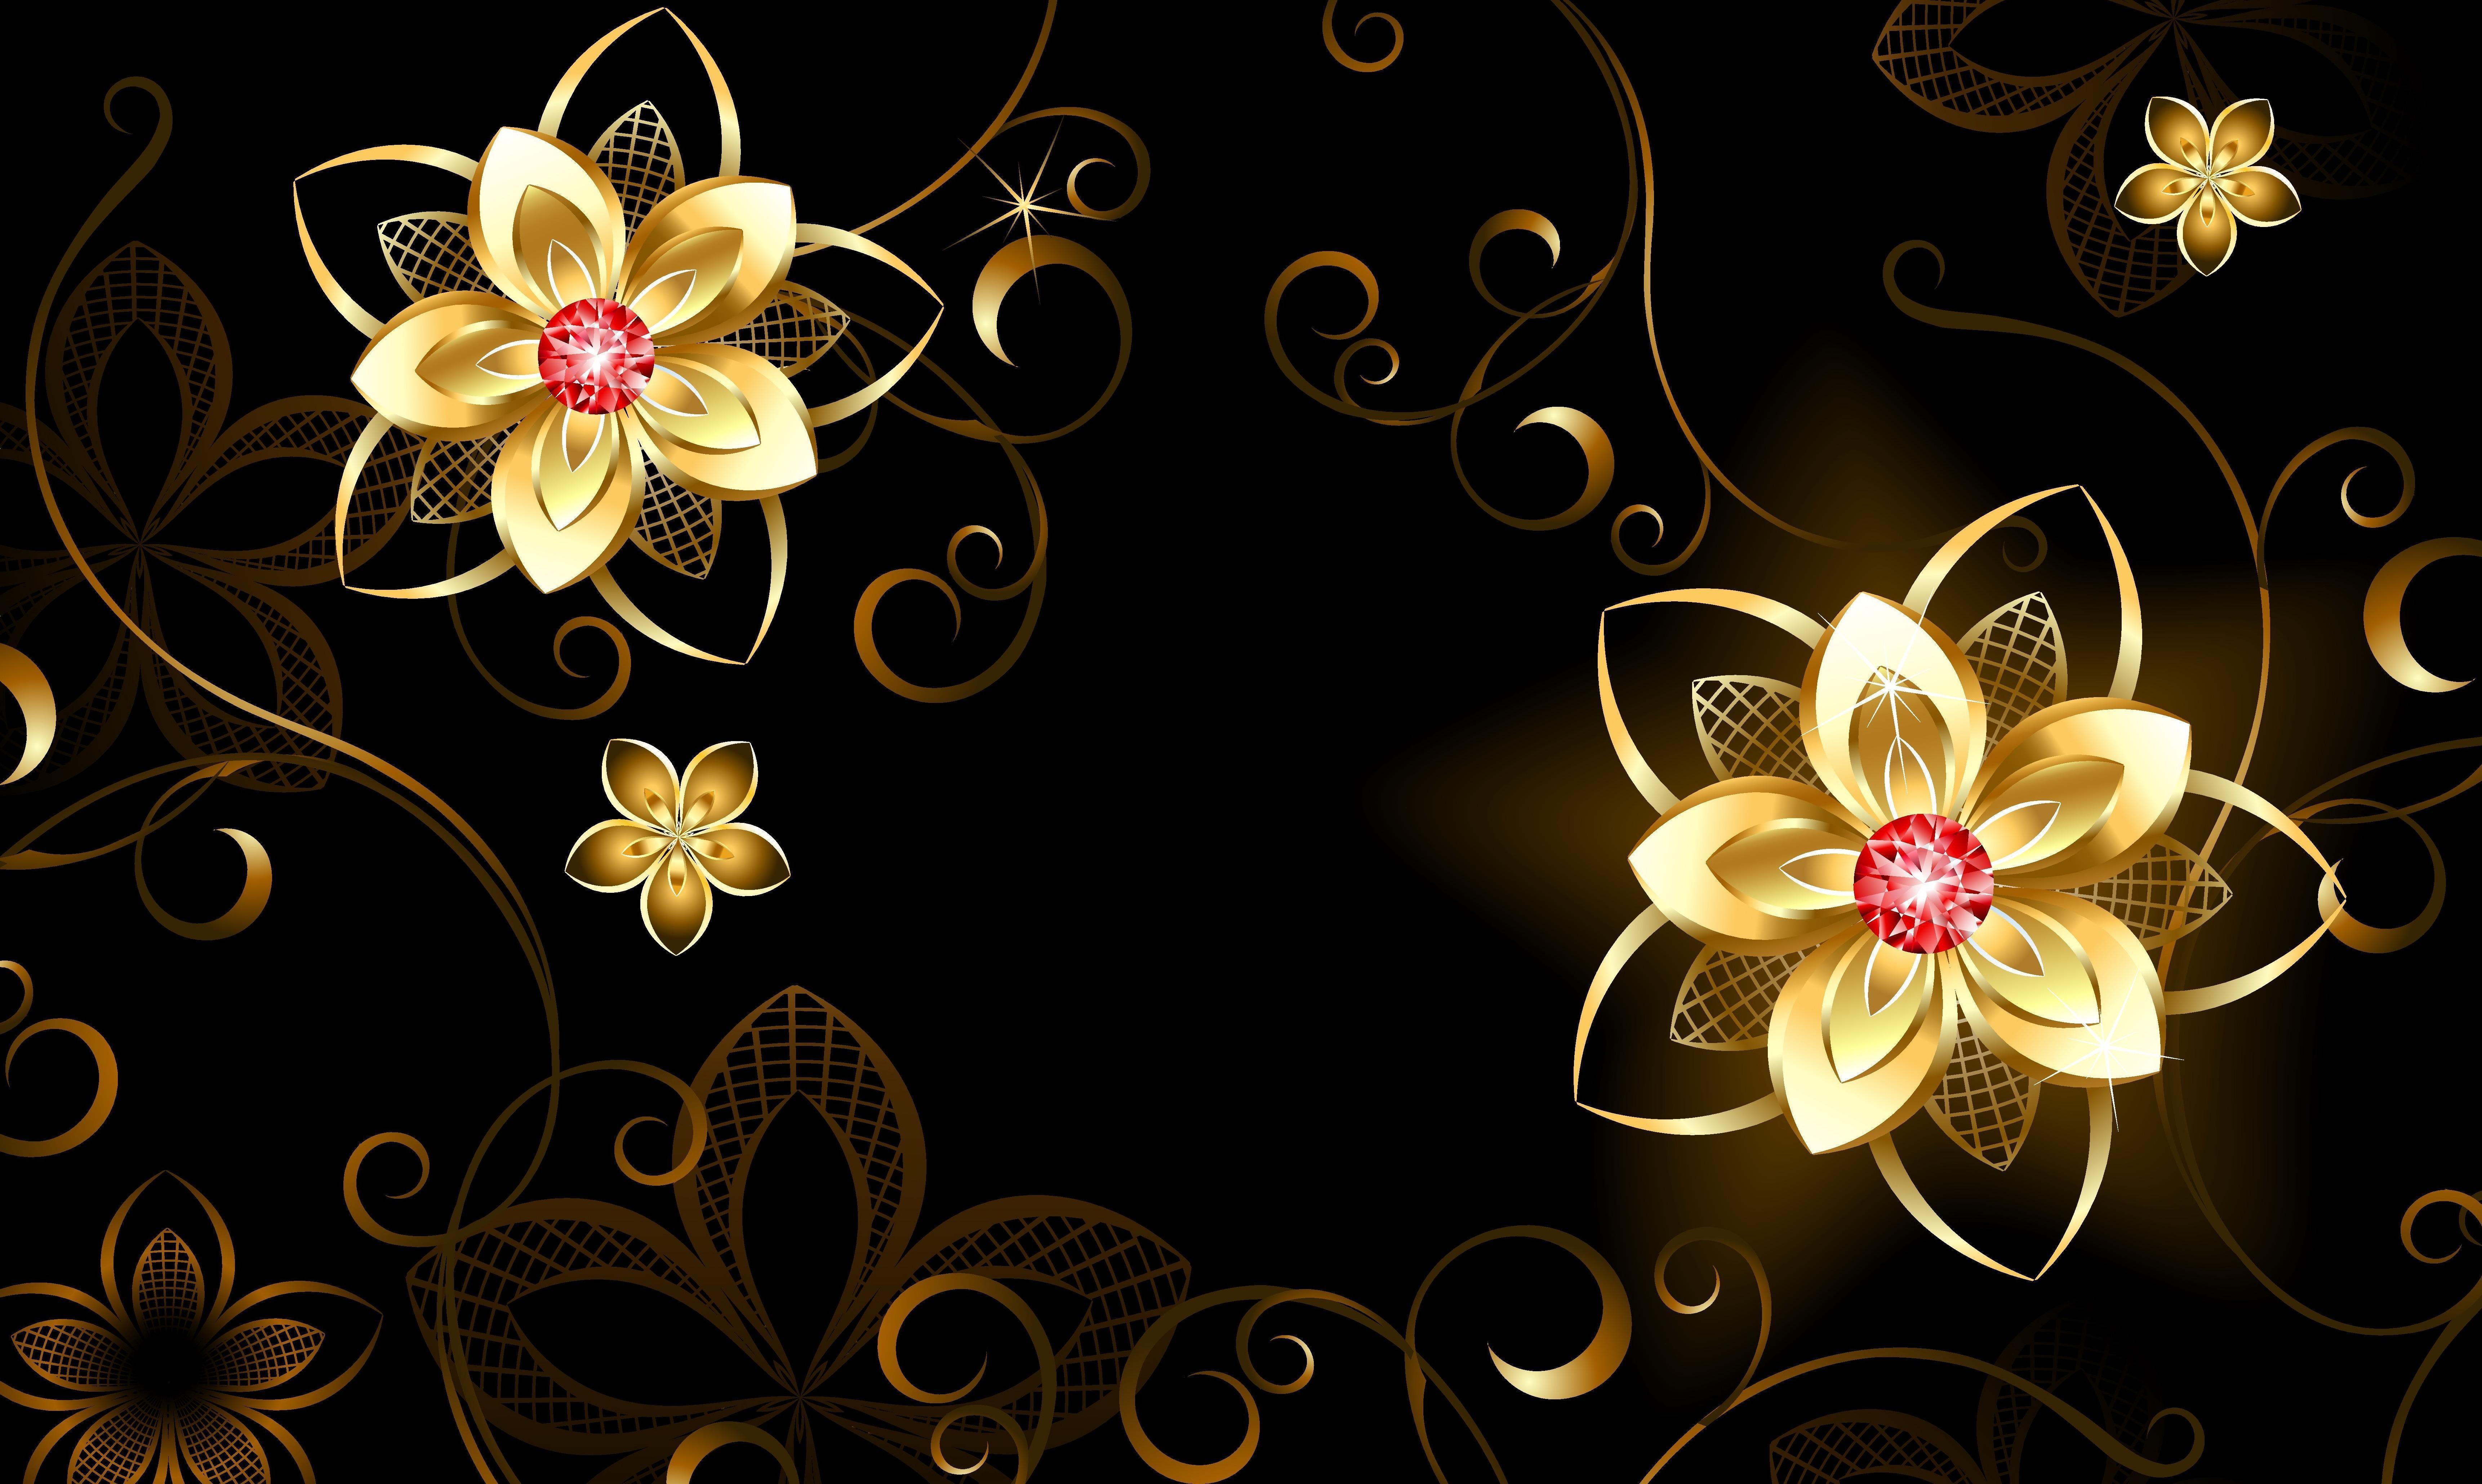 Hình nền 3D hoa hào quang